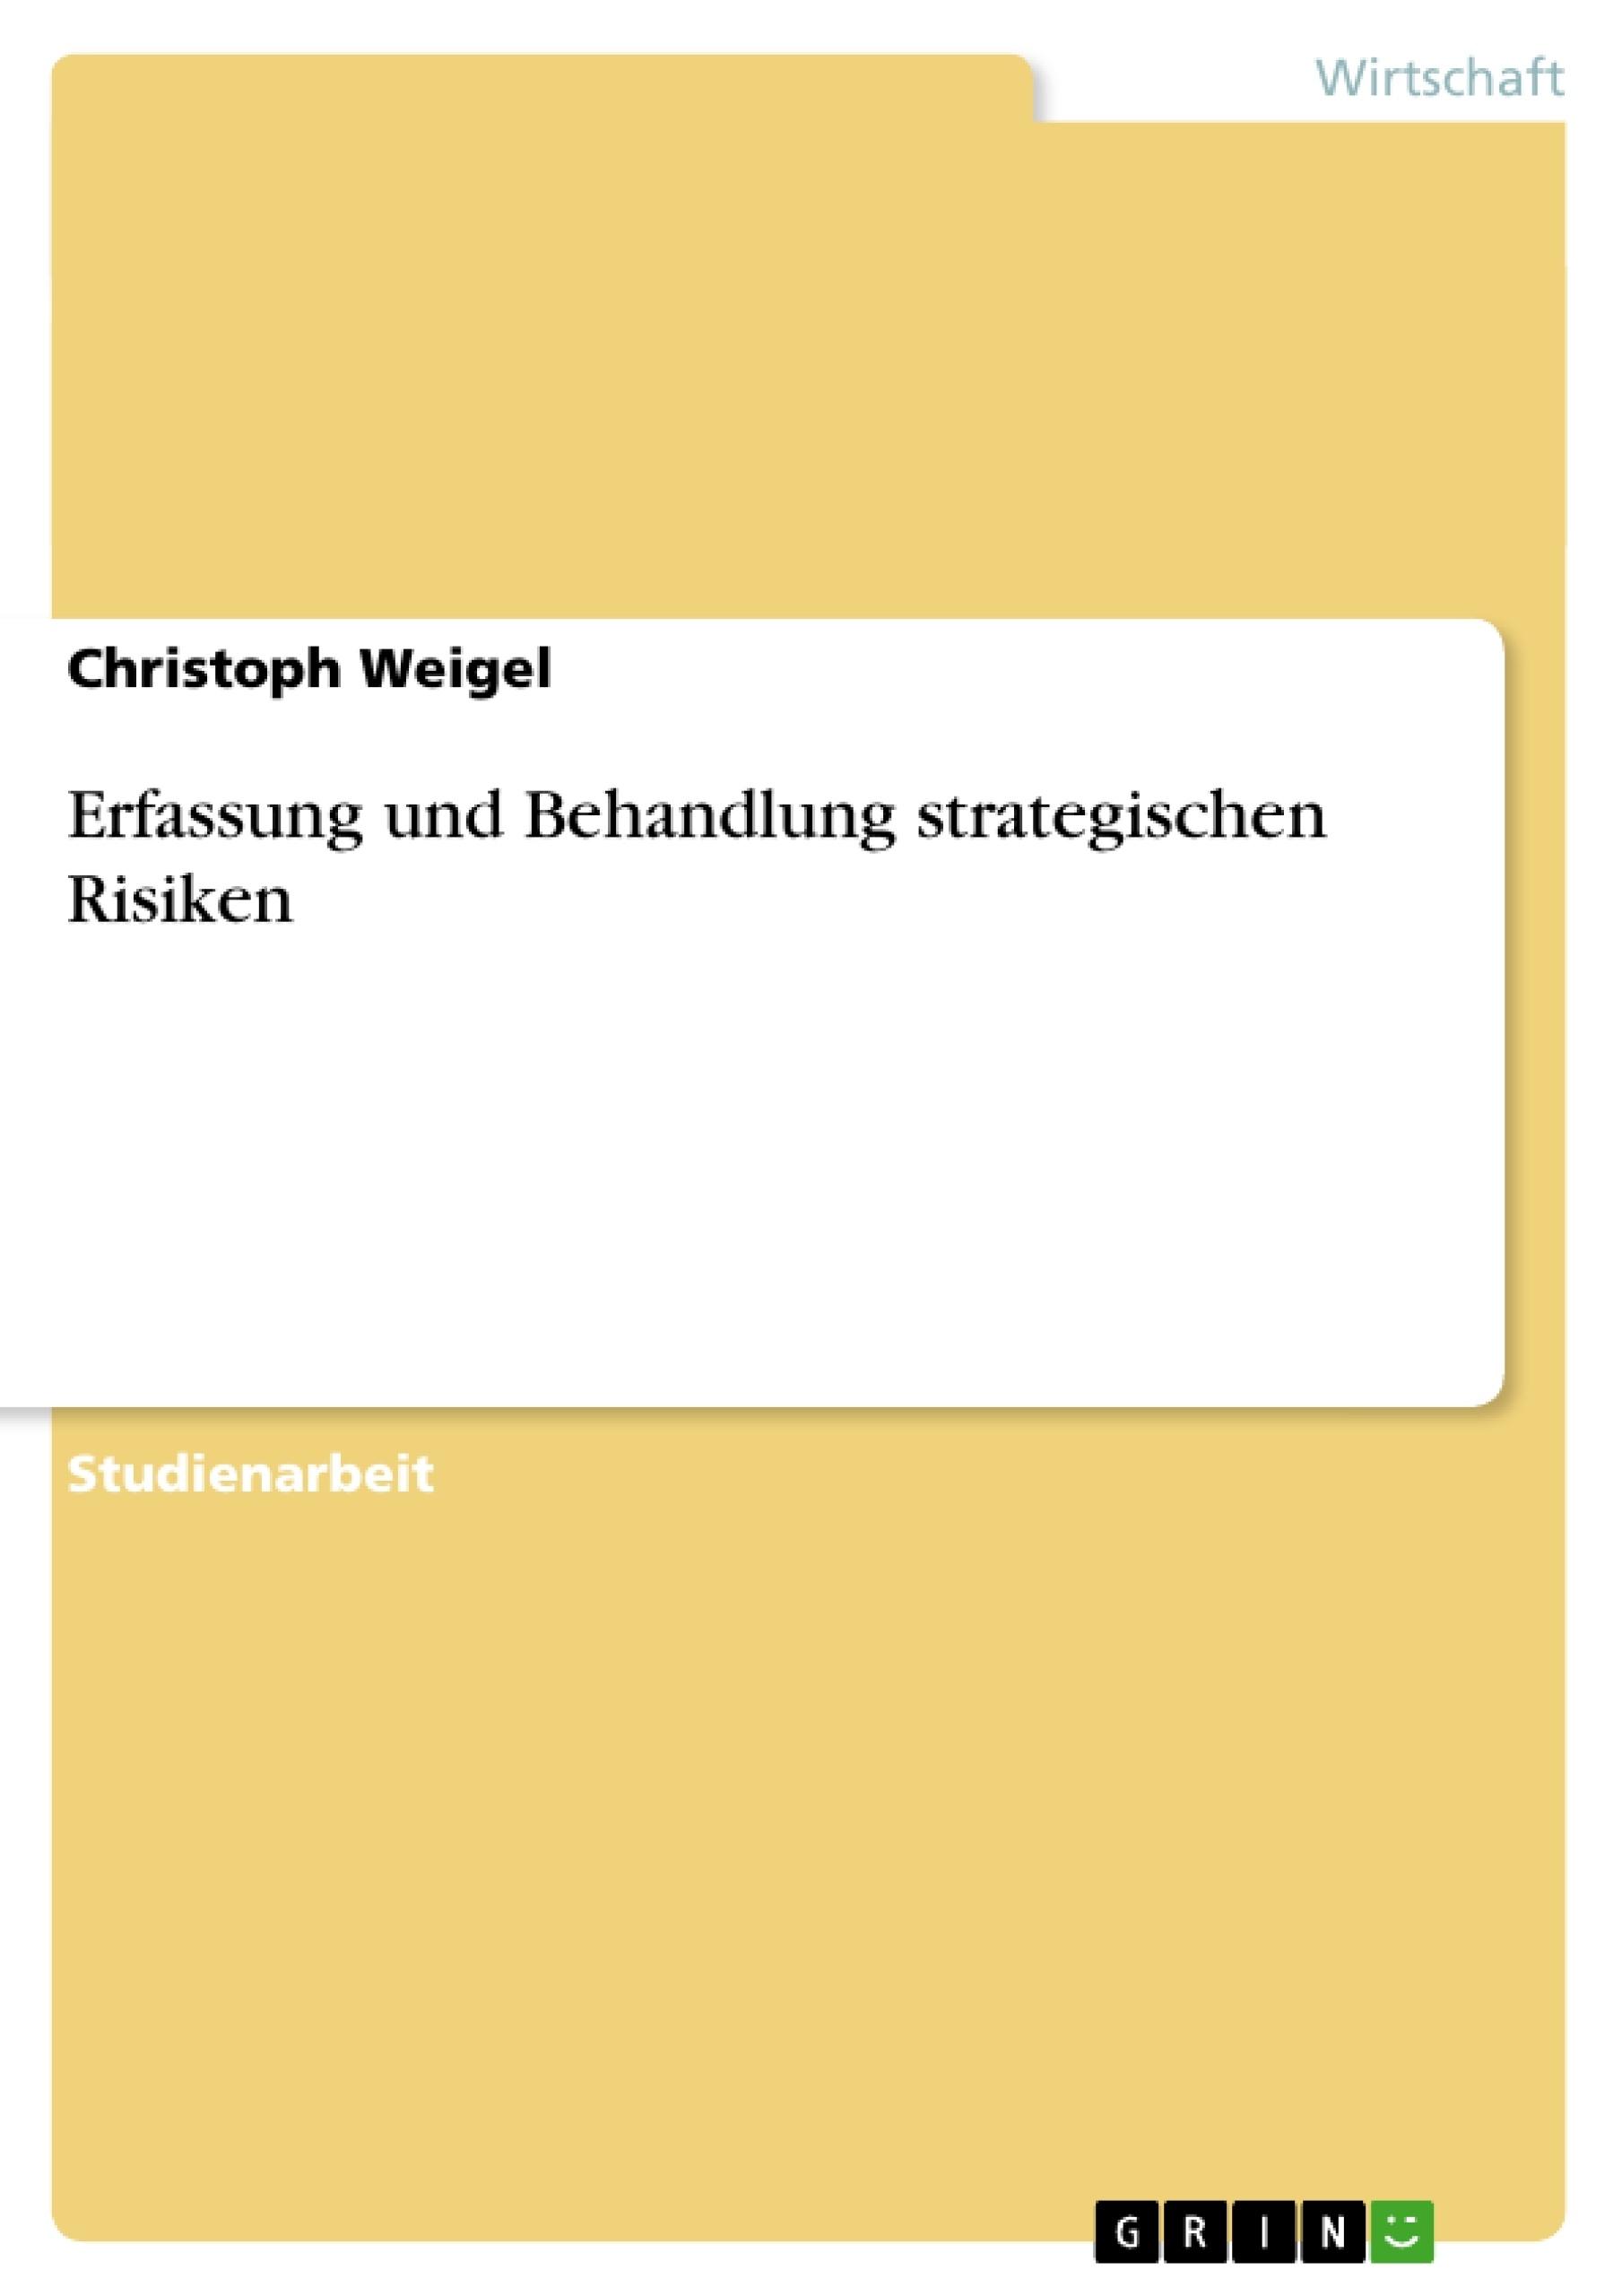 Titel: Erfassung und Behandlung strategischen Risiken